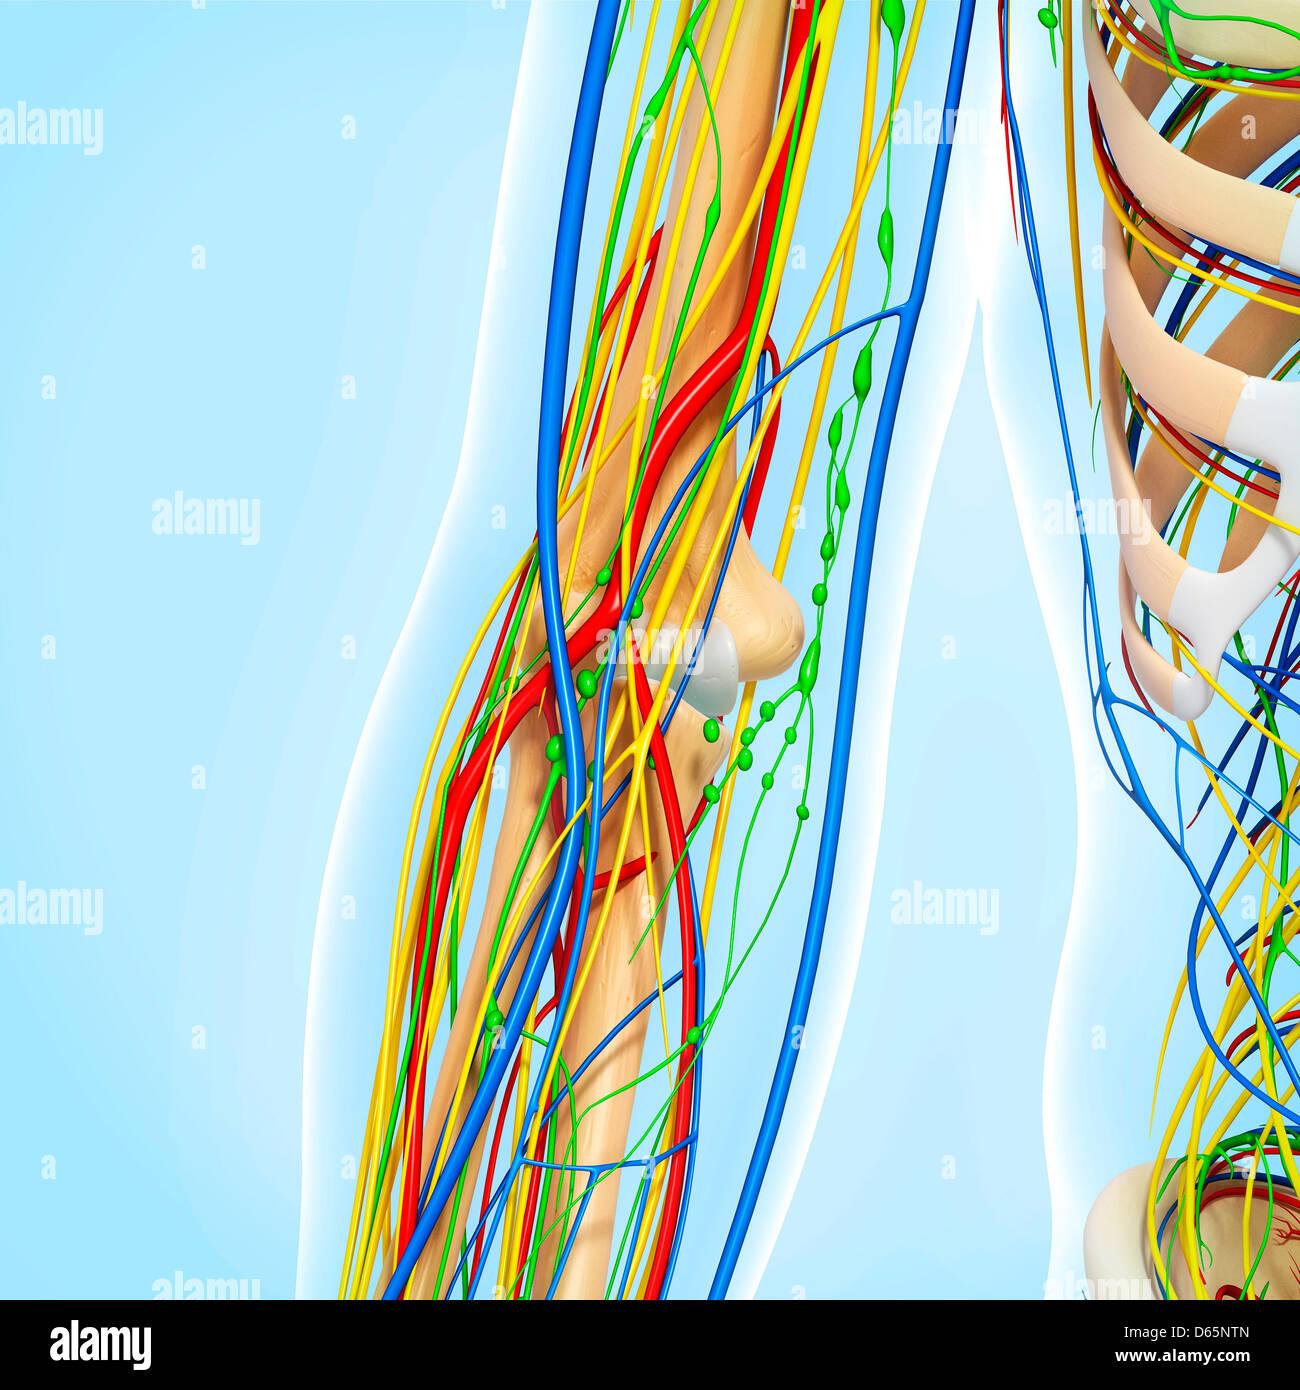 Elbow anatomy, artwork Stock Photo